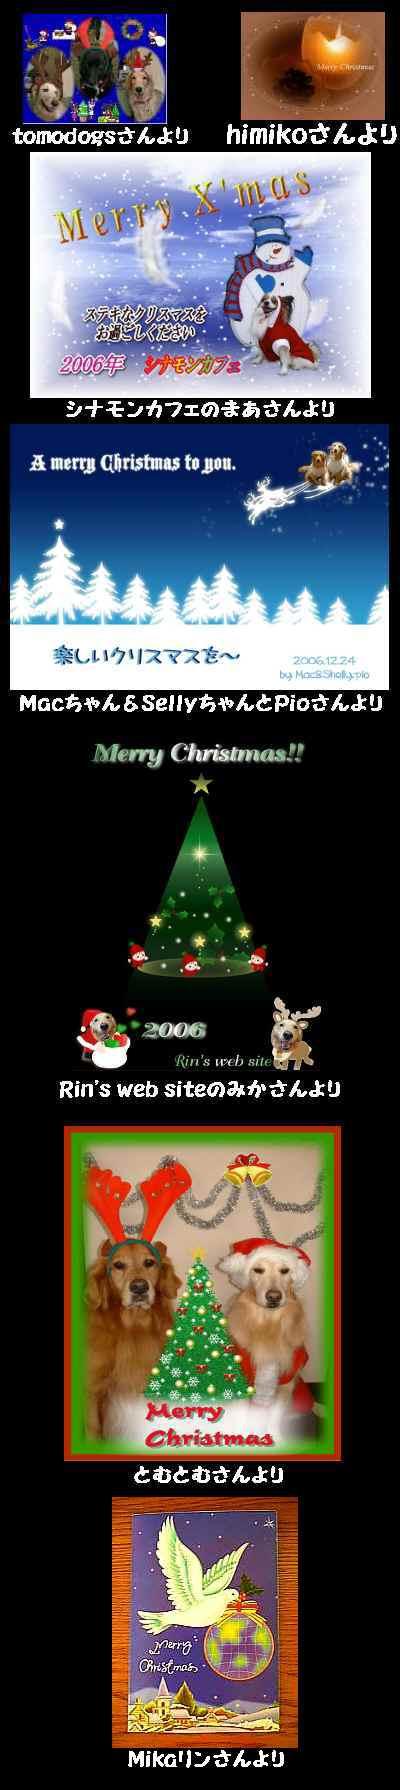 20070119095620.jpg